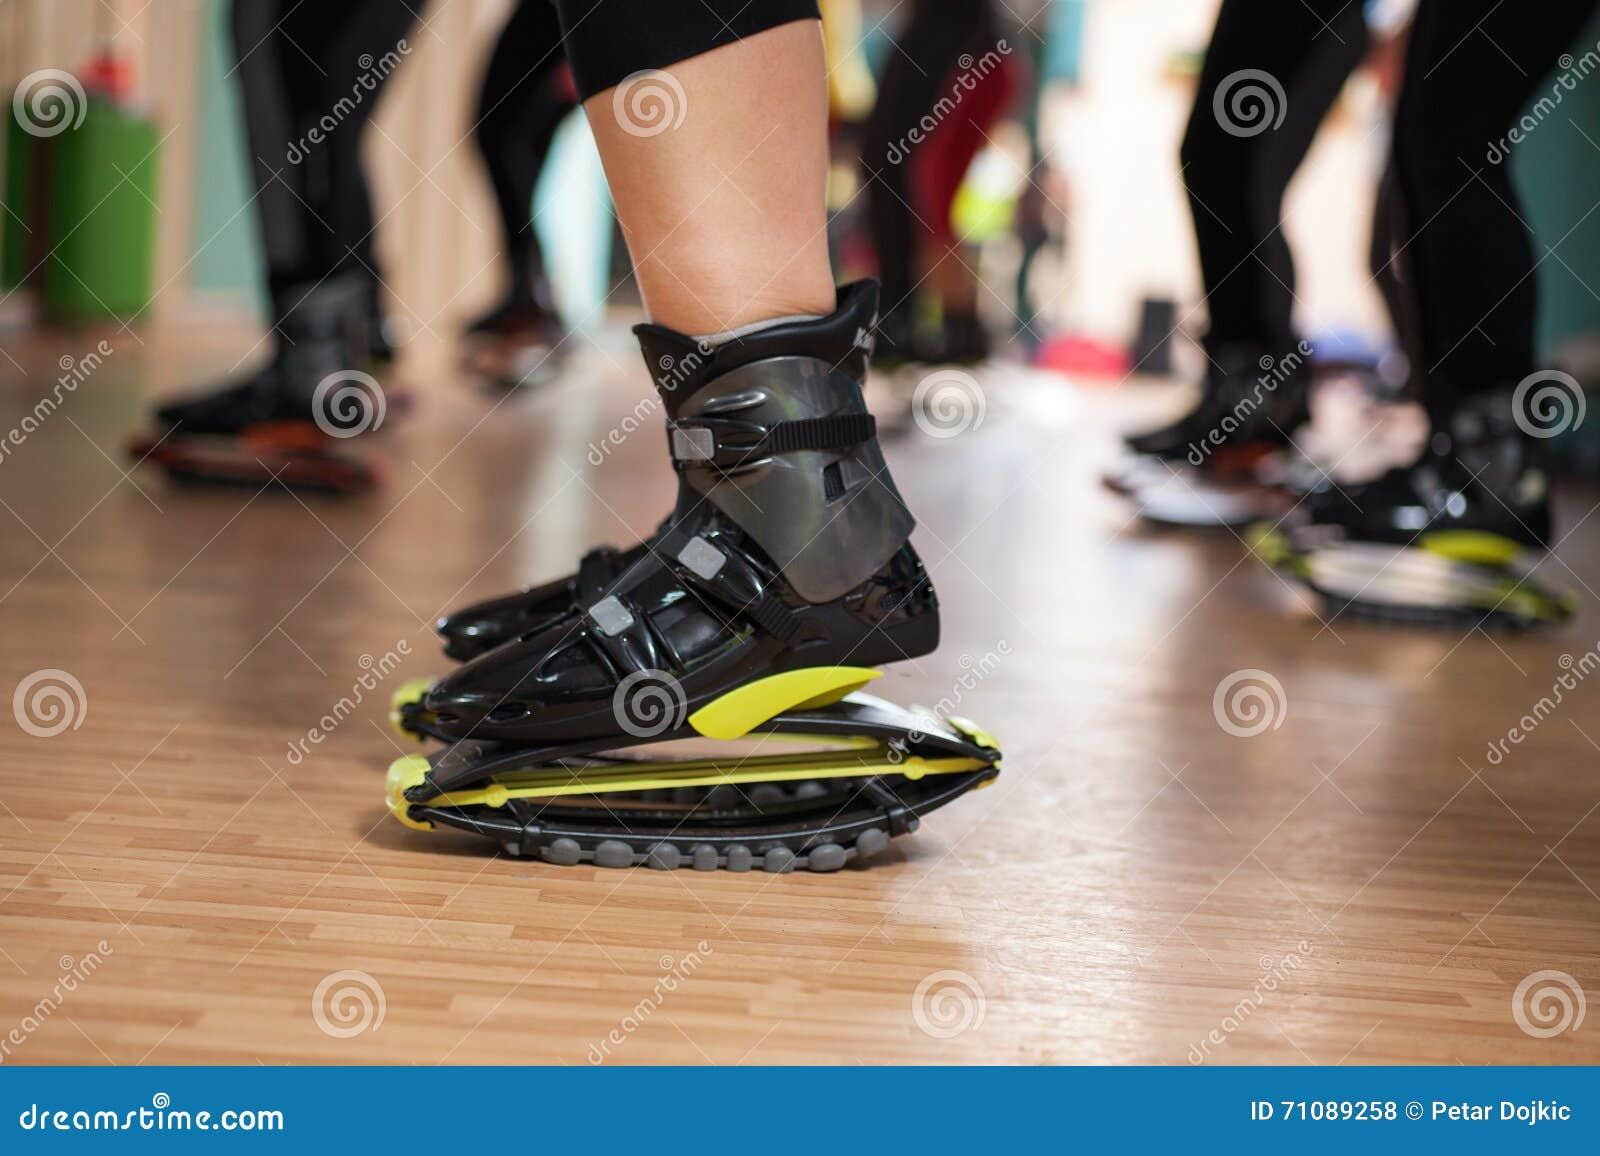 Que Del Con Grupo Hace Los Zapatos De Kangoo Personas Ejercicios rxoedQWCB